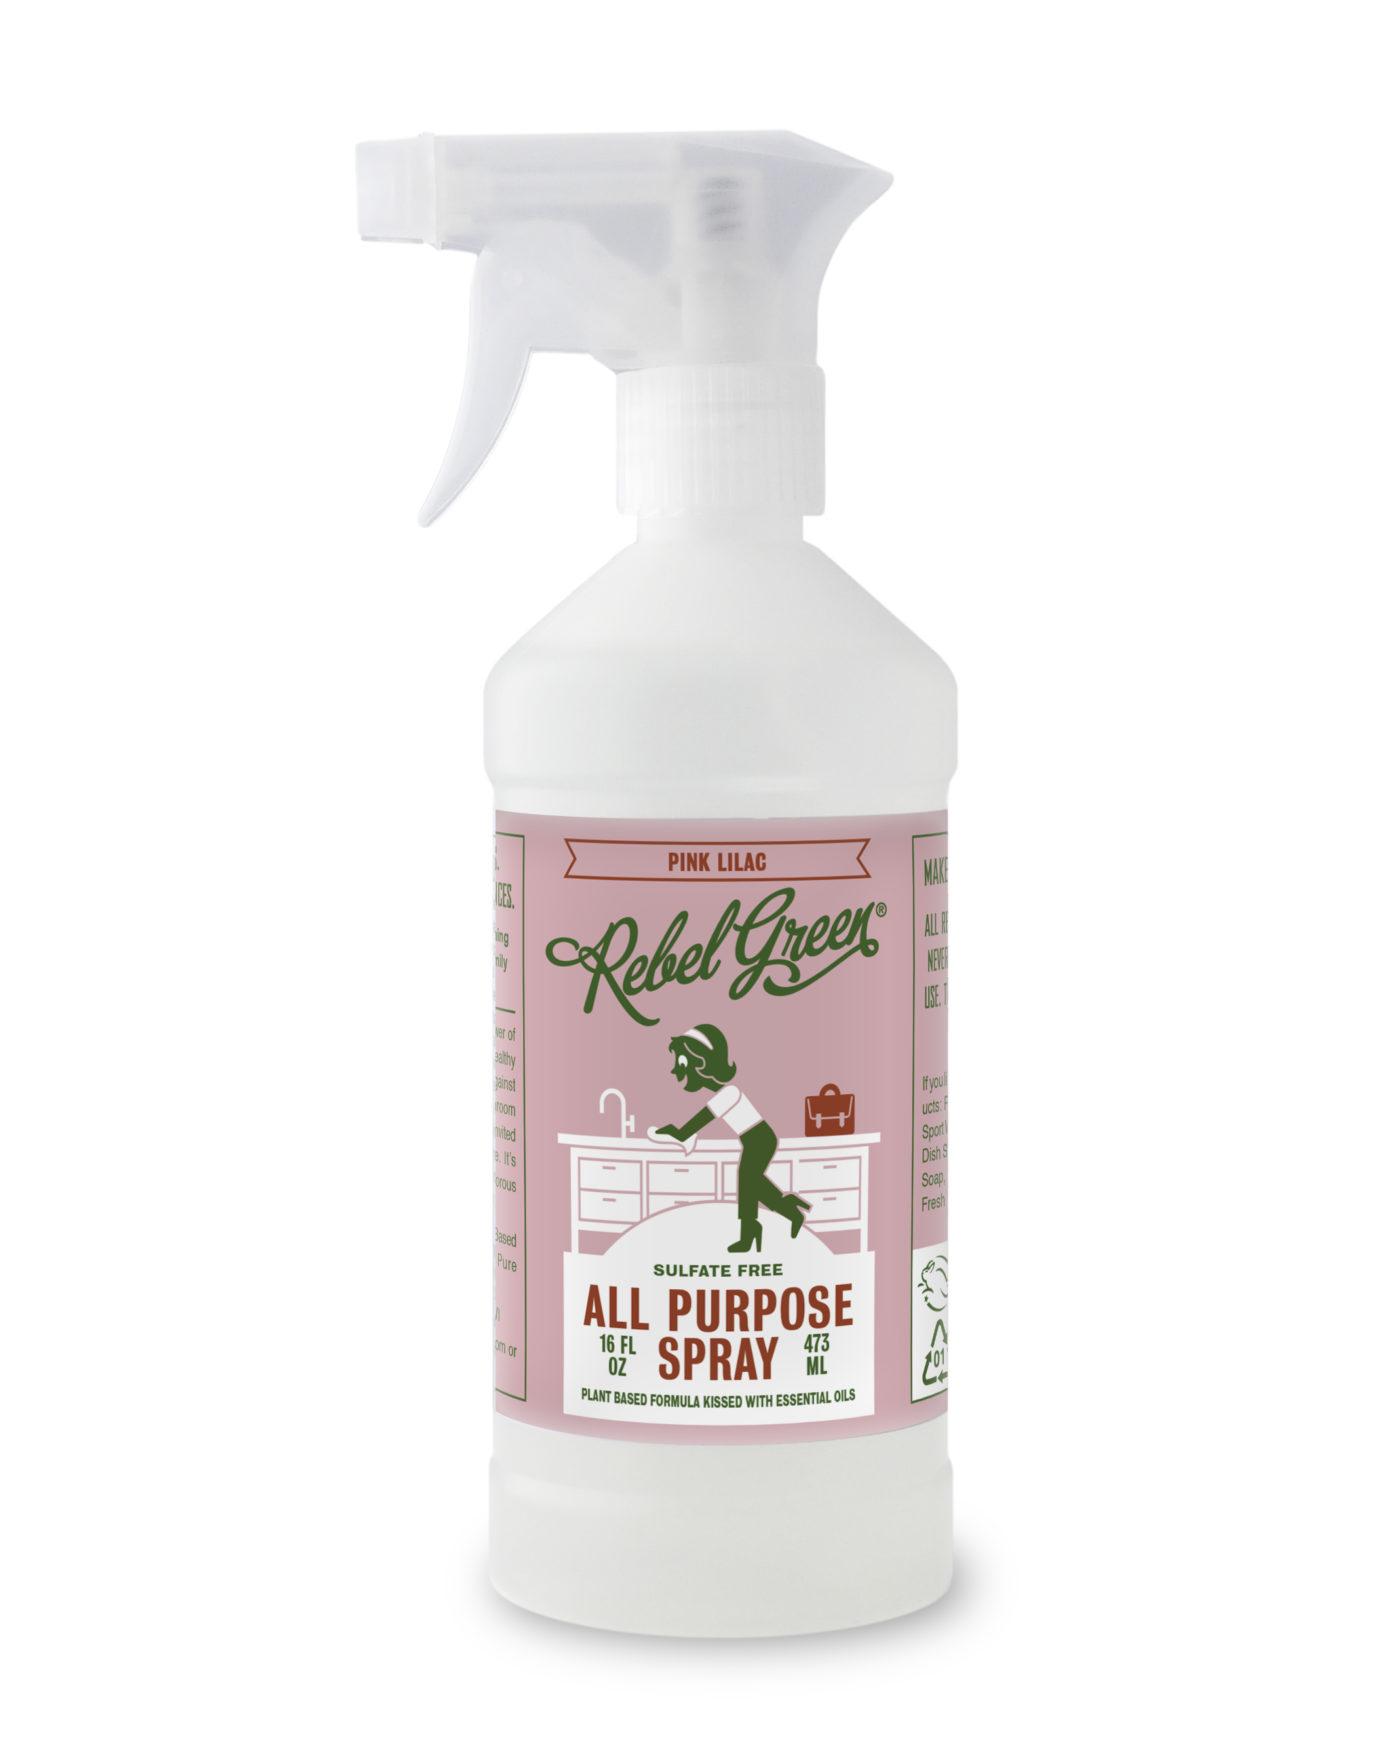 All Purpose Spray Pink Lilac